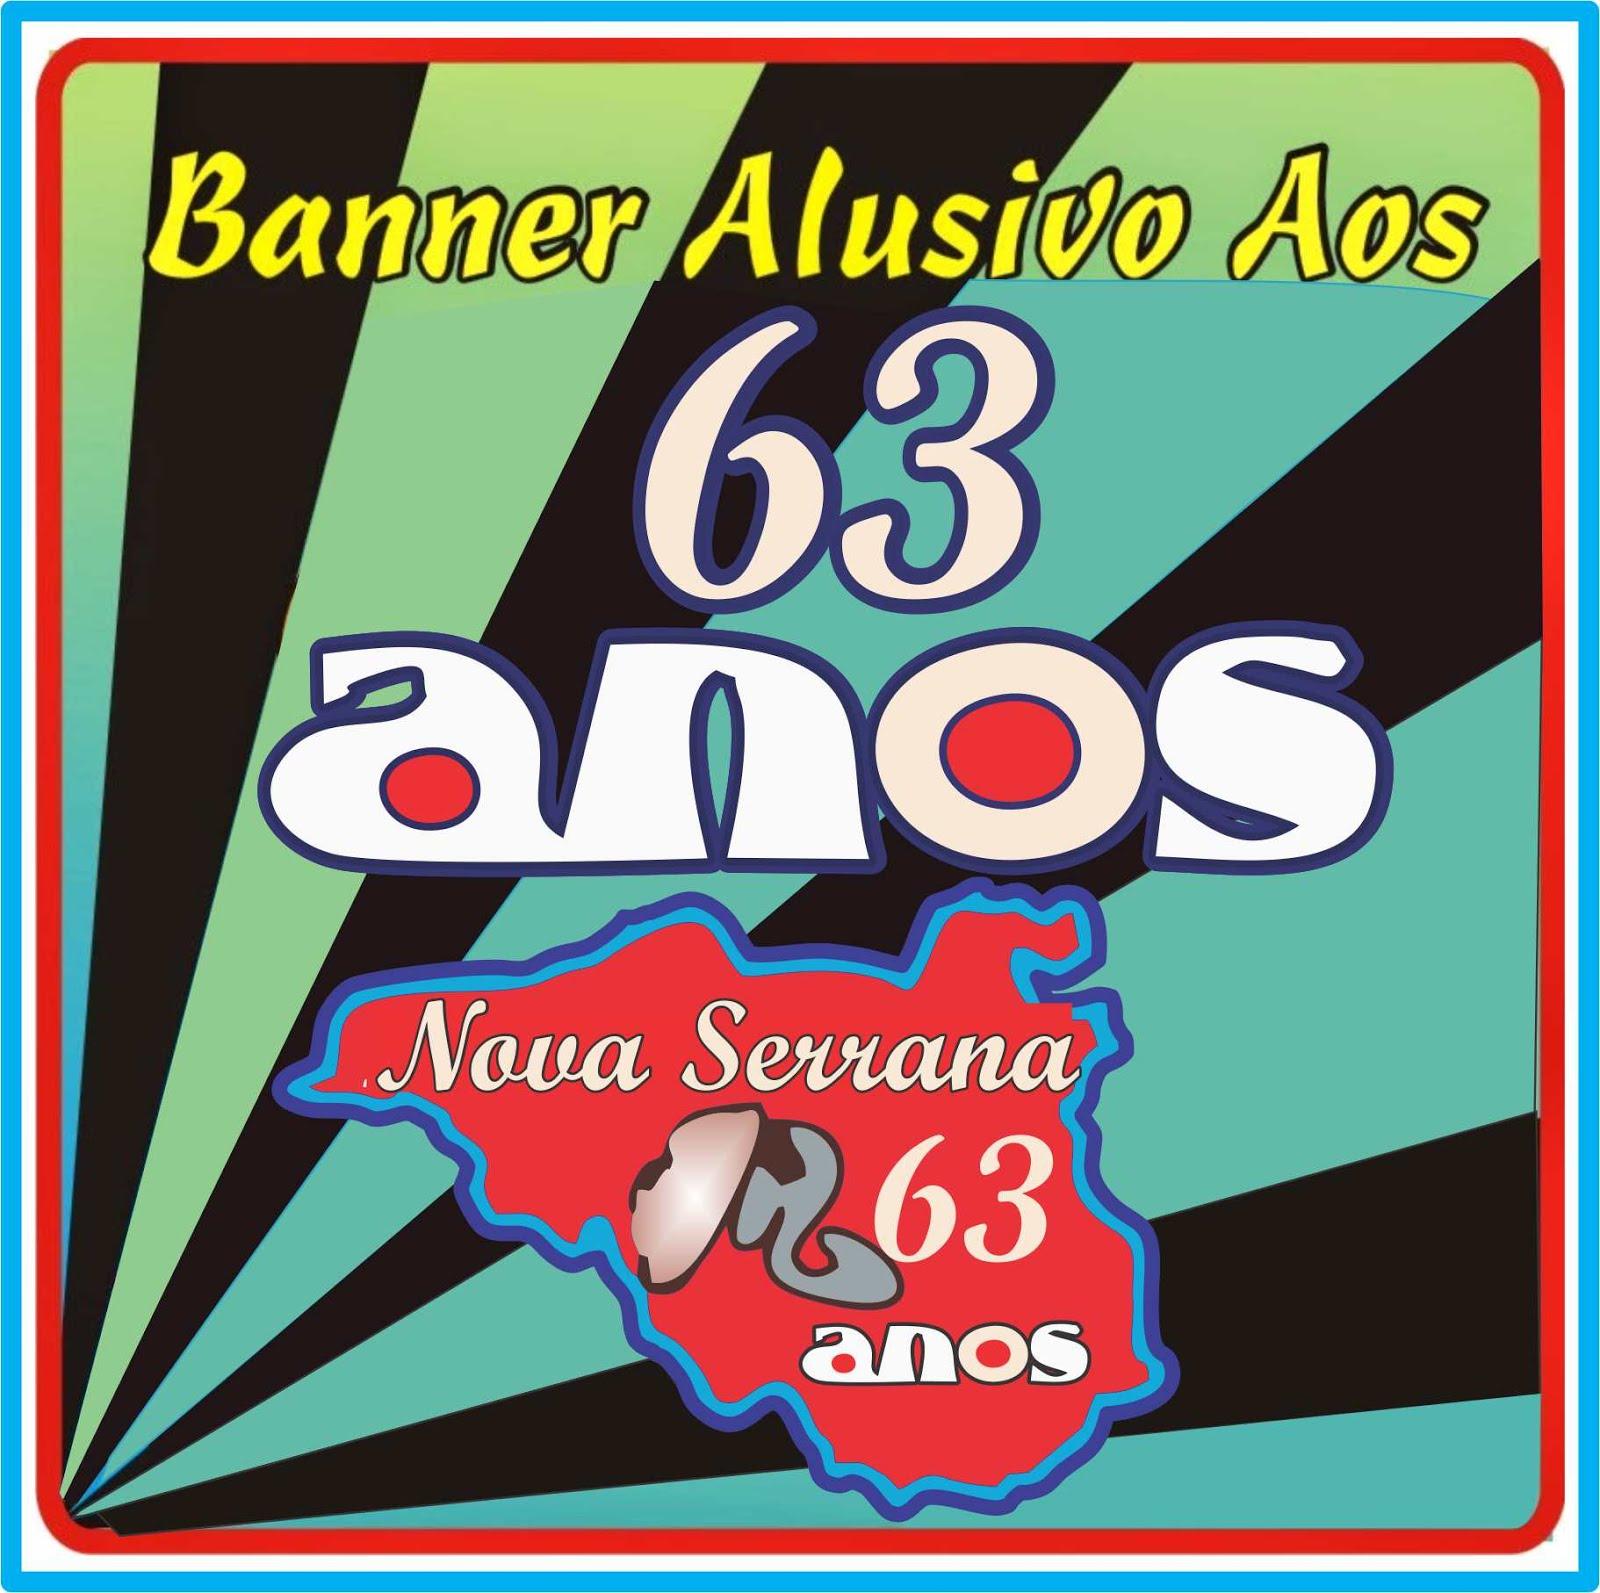 Banner Alusivo Aos 63 Anos de Emancipação Político-Administrativa de Nova Serrana